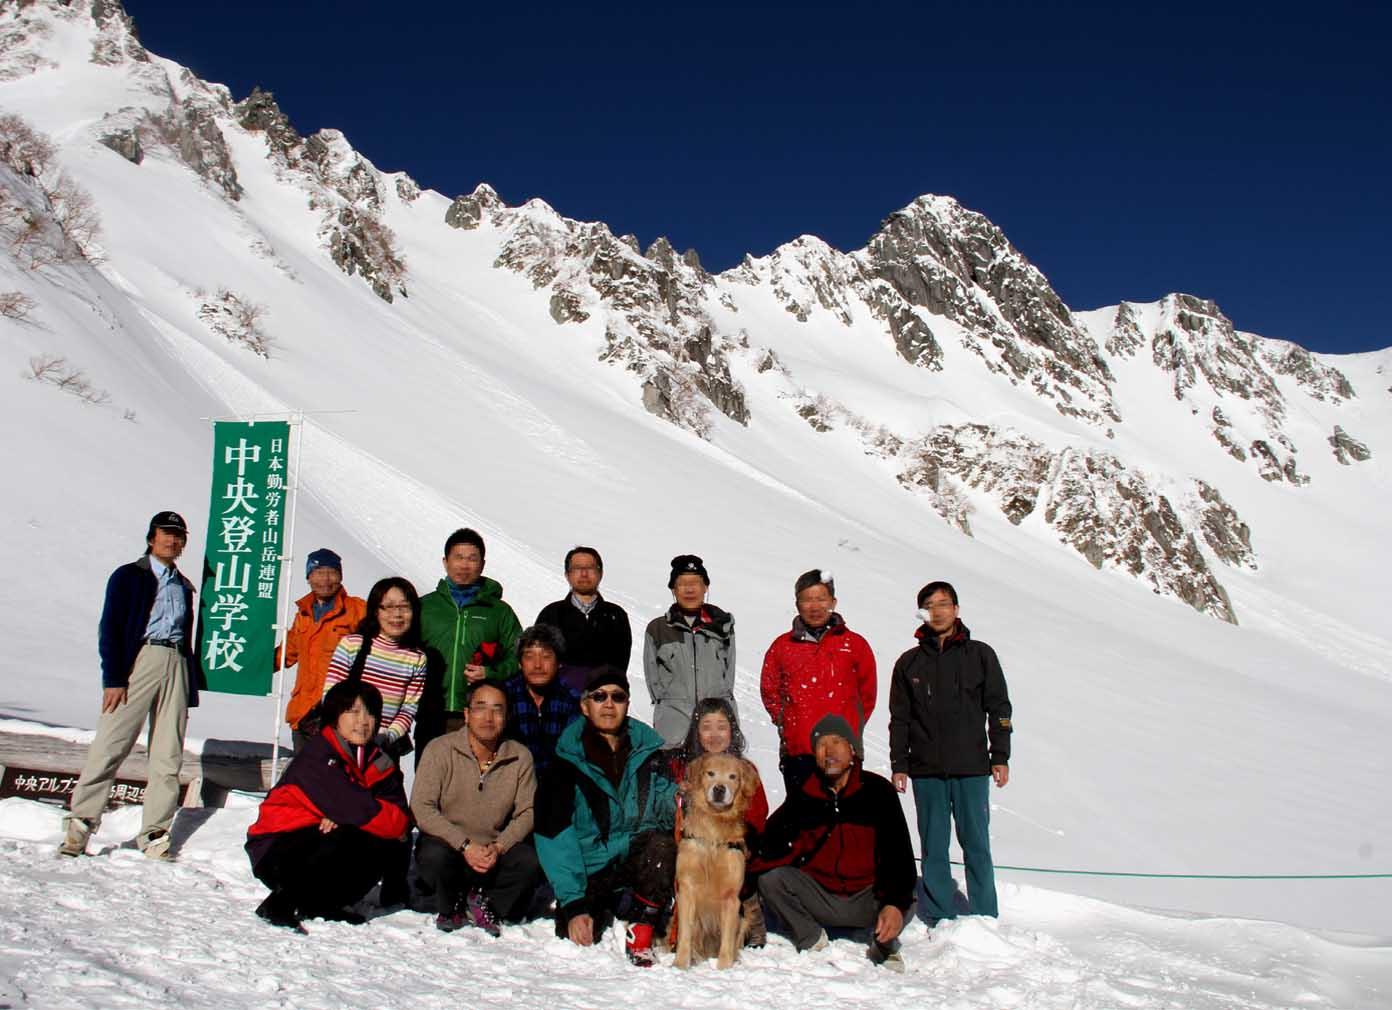 2014年 全国雪崩 (112)